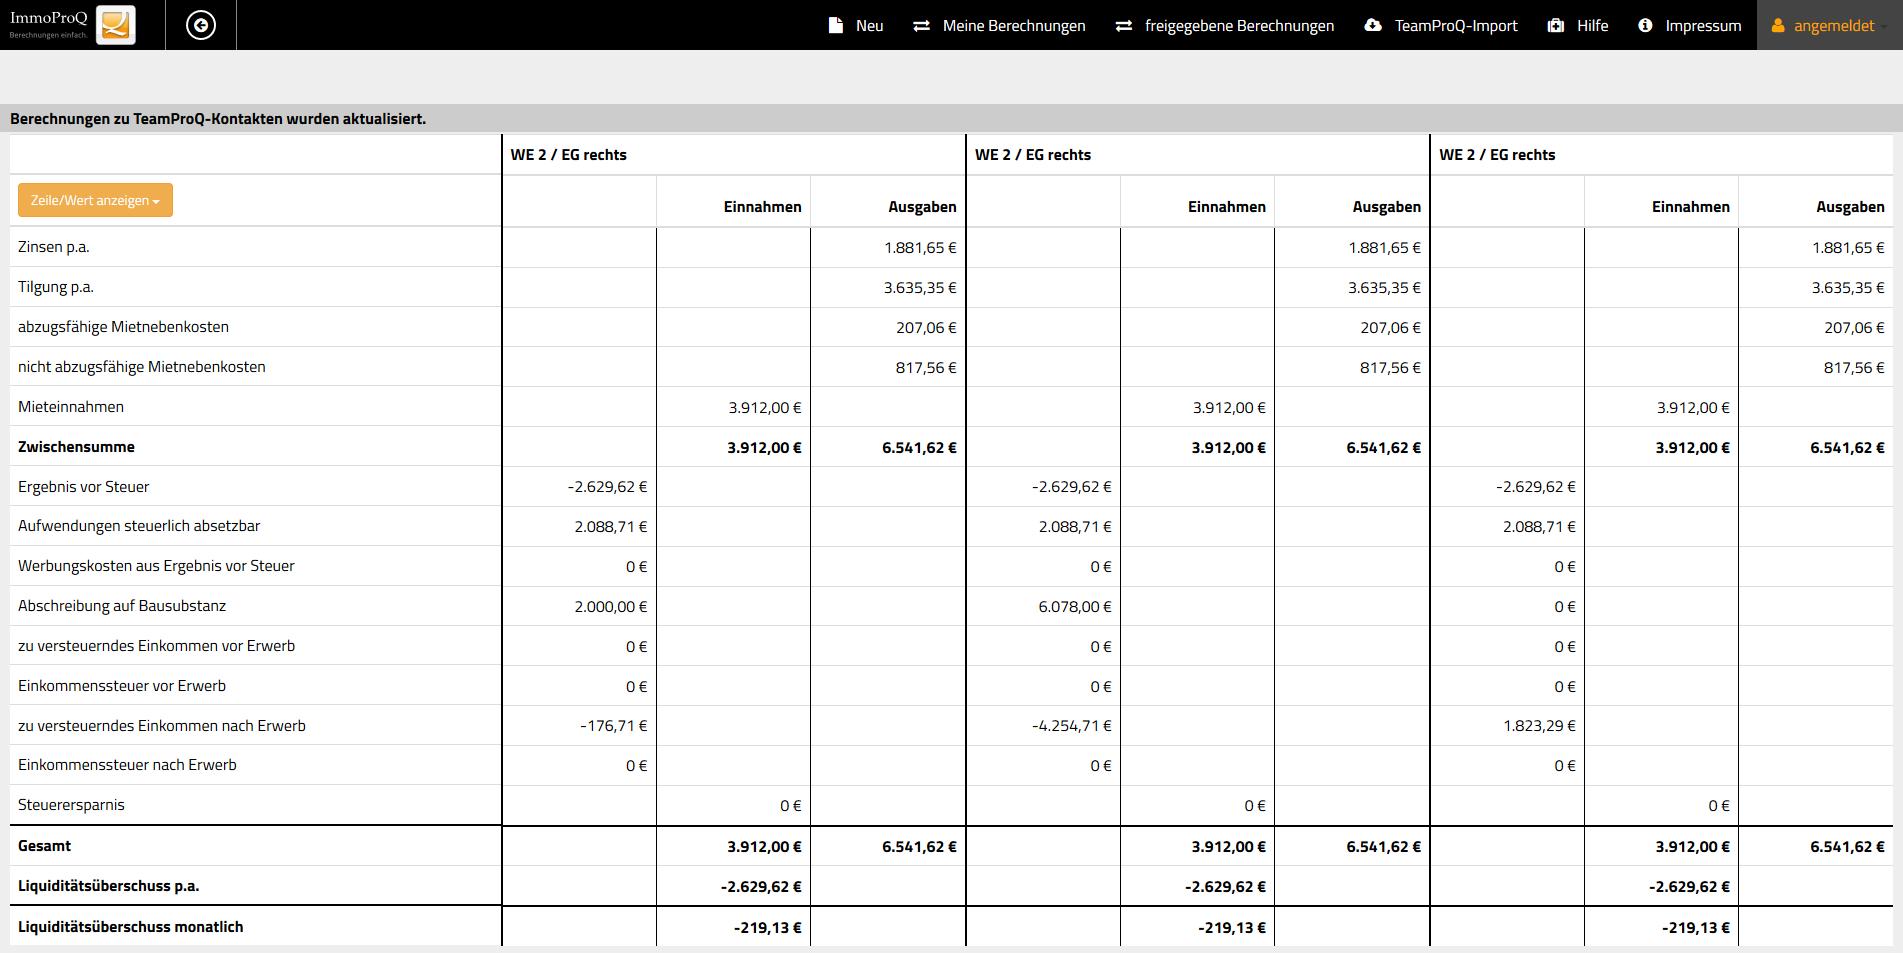 Immobilienberechnungen vergleichen mit ImmoProQ